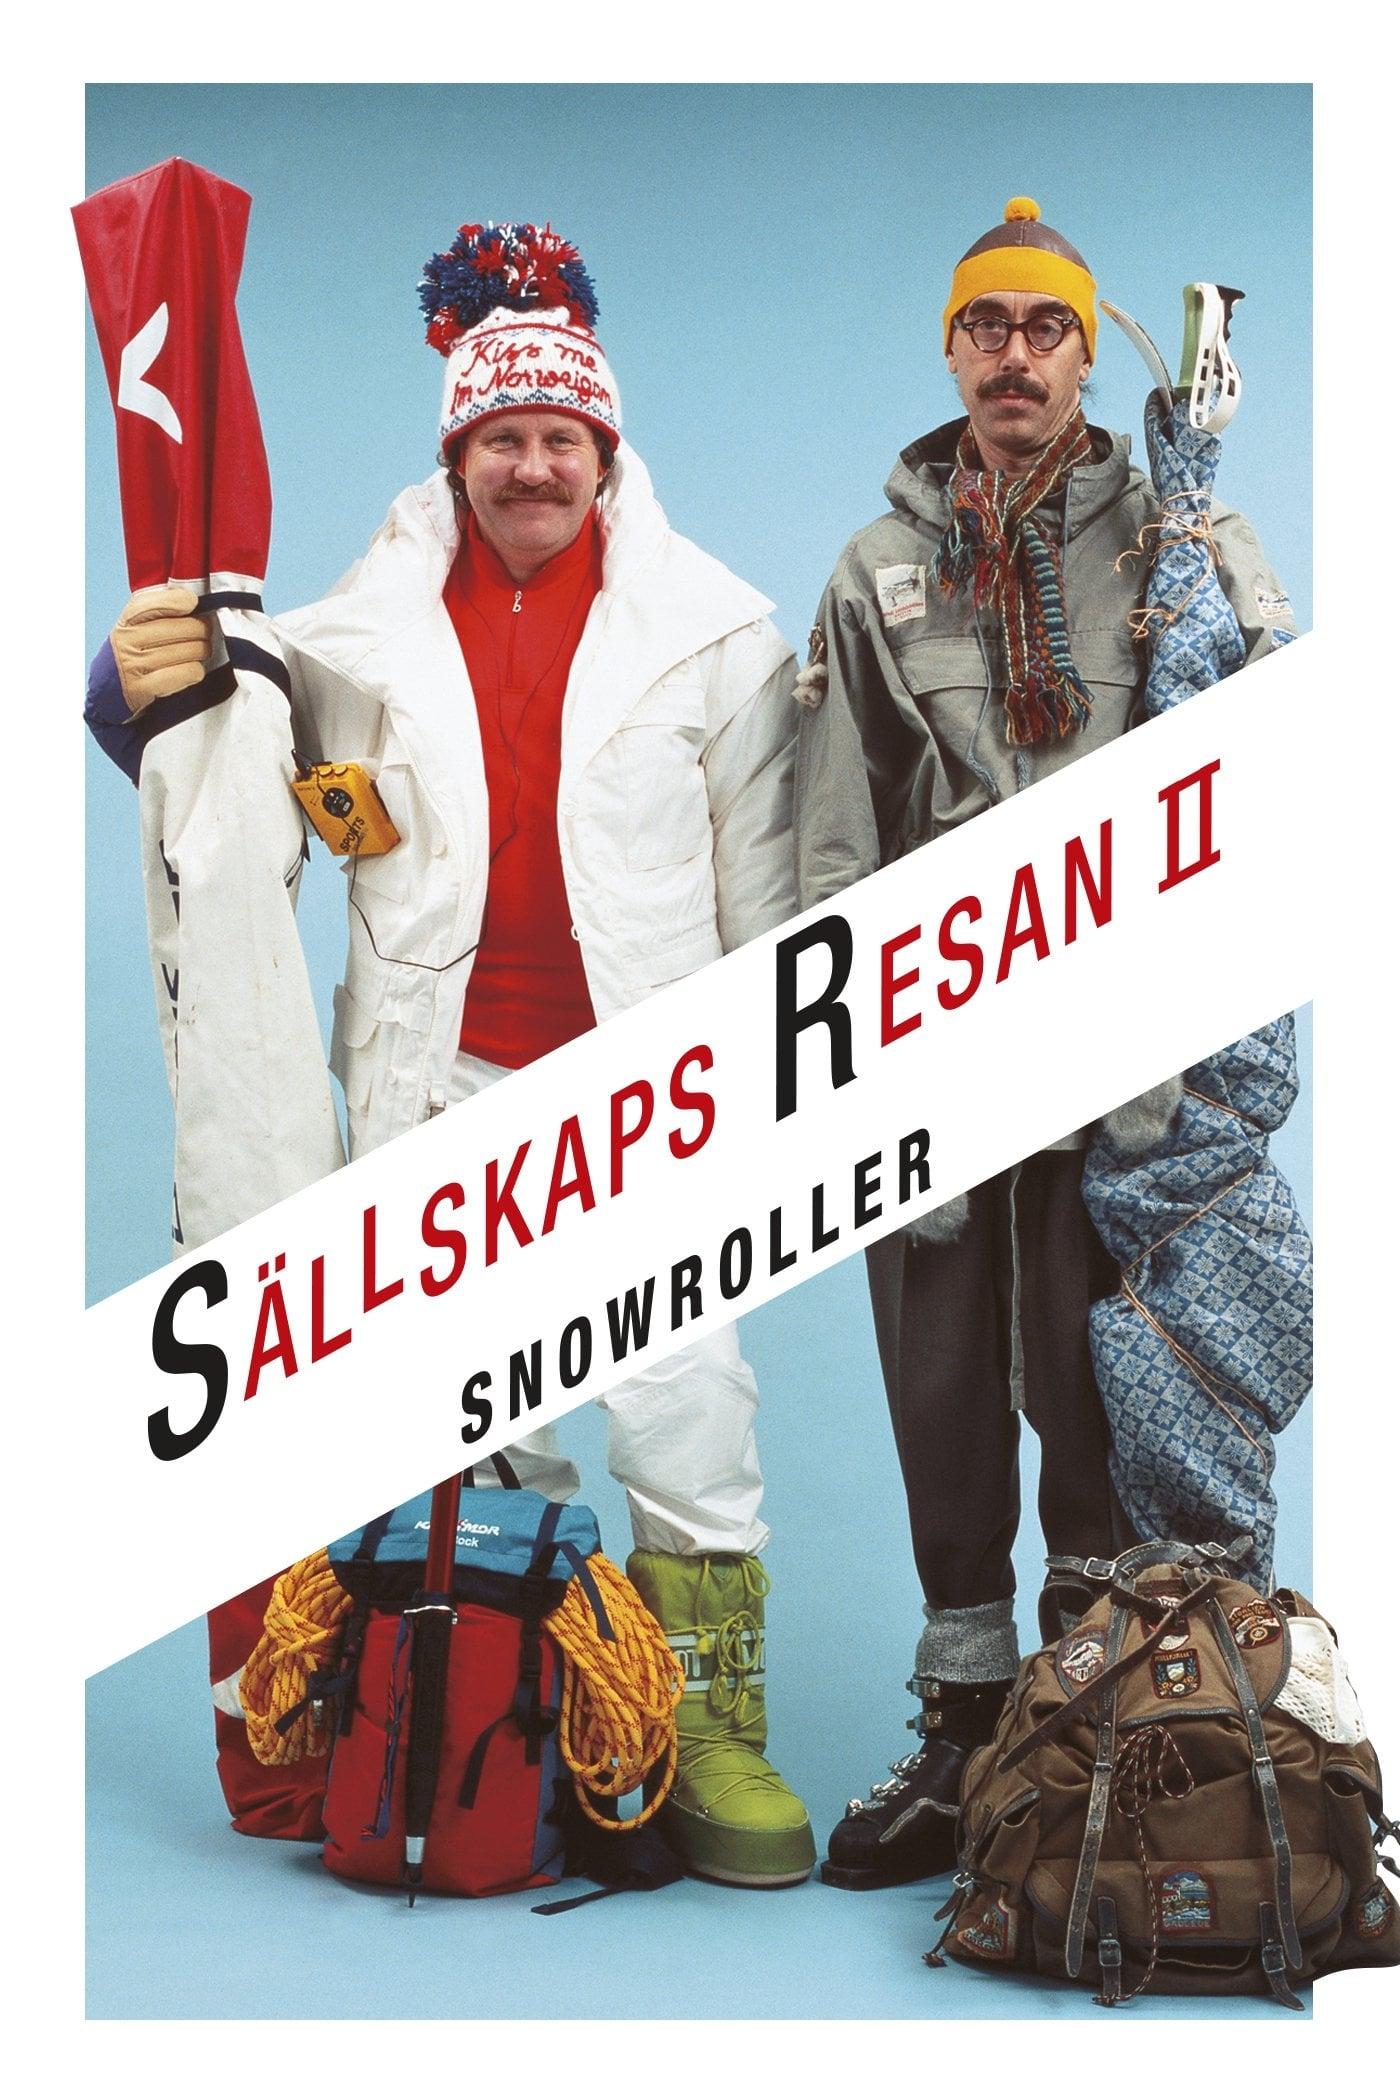 Sällskapsresan II - Snowroller (1985)